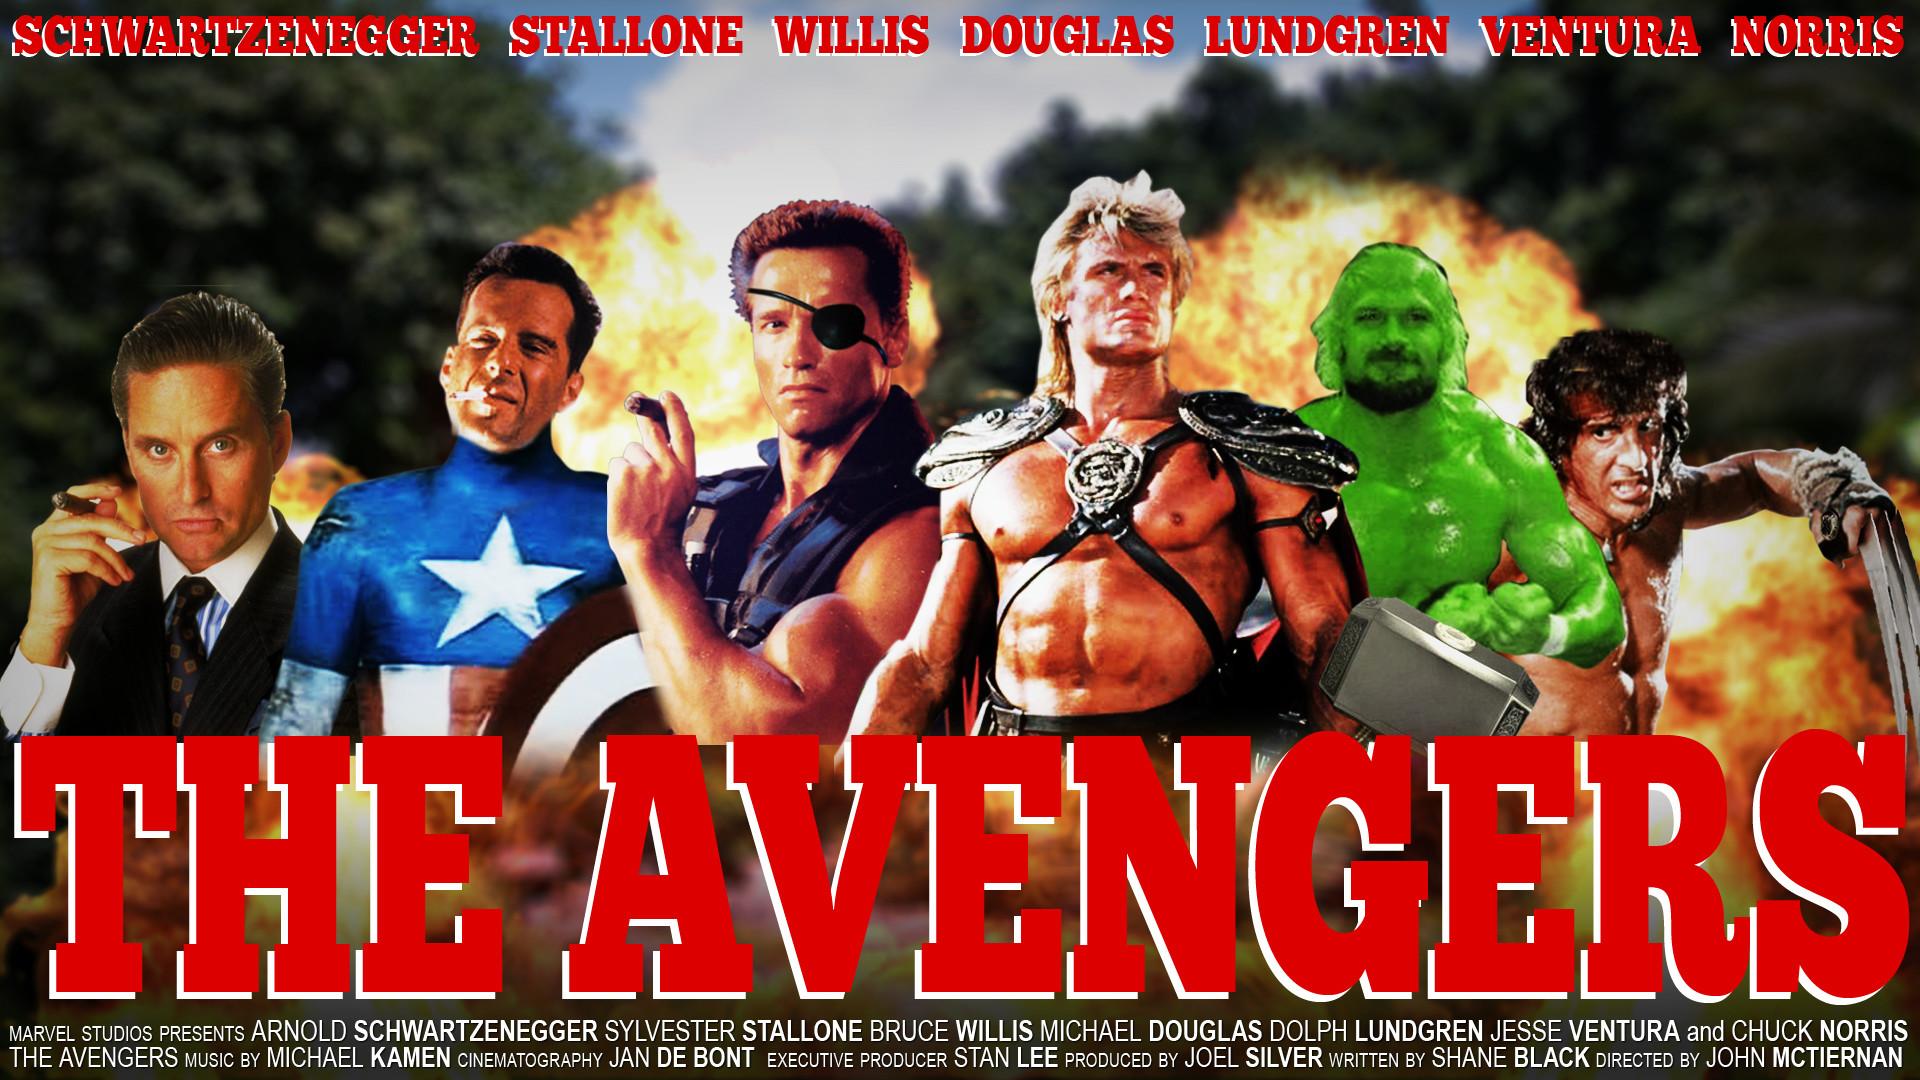 Avengers Background wallpaper – 578630